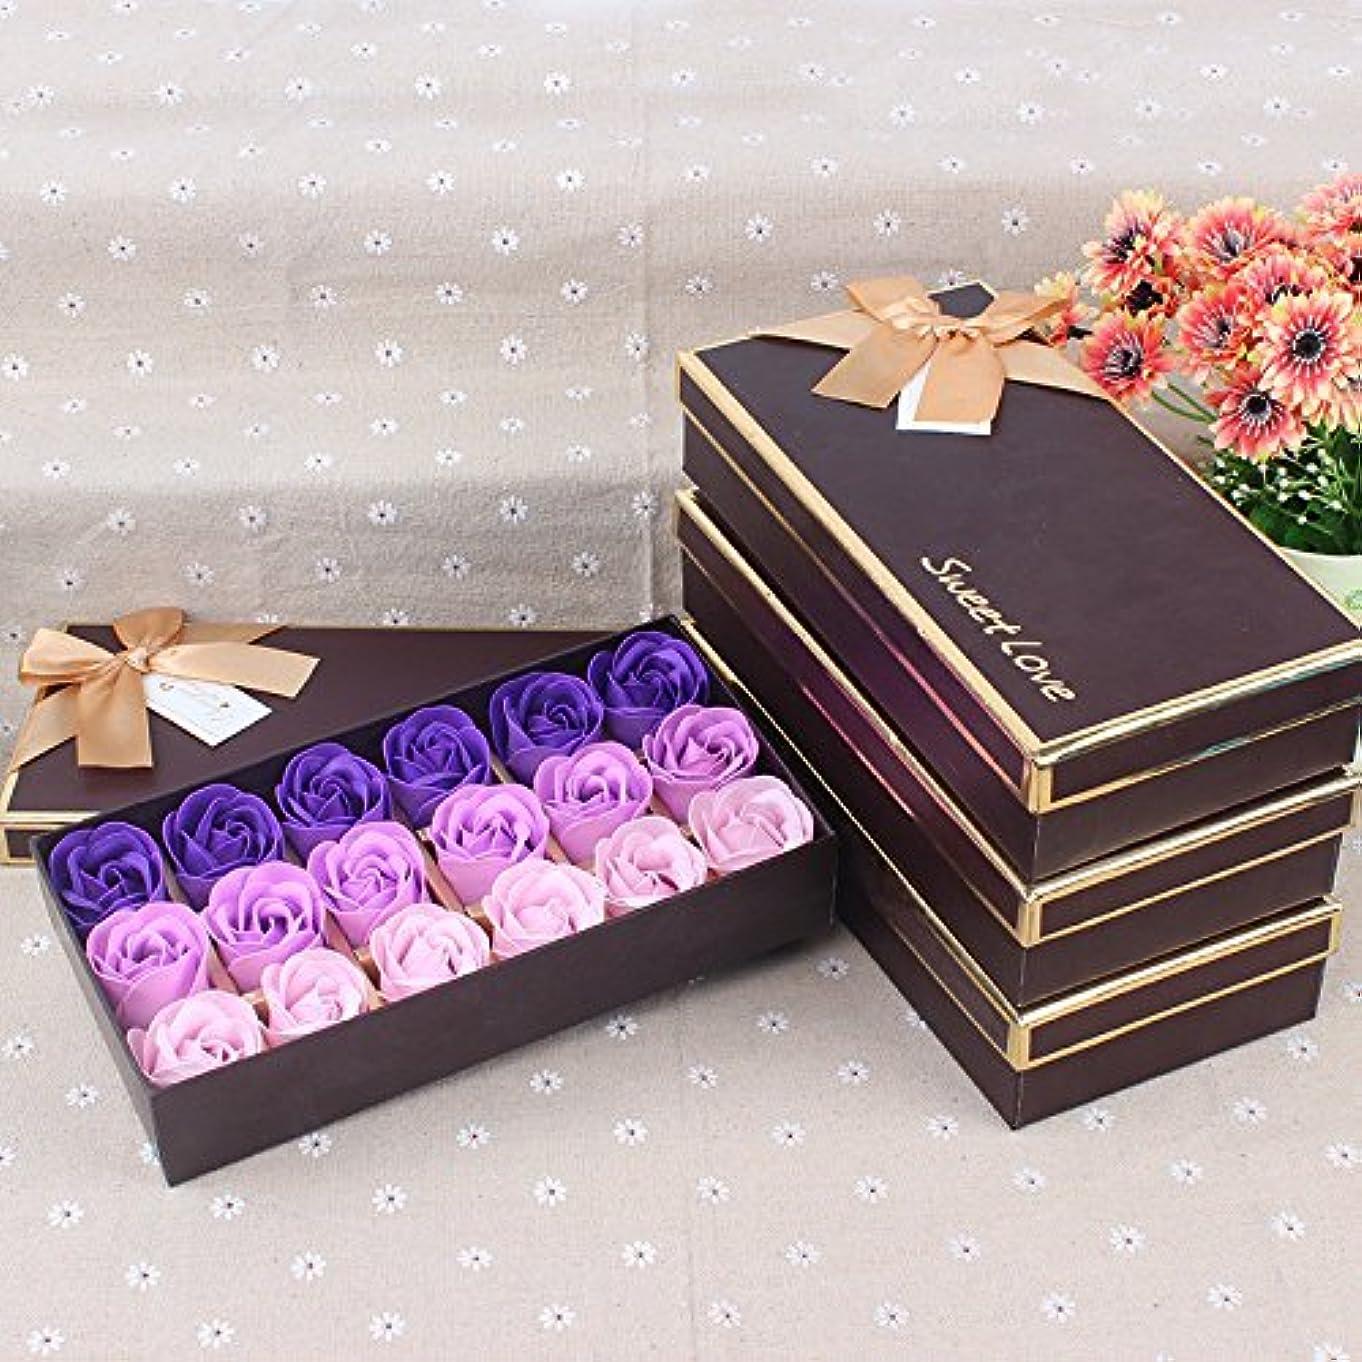 持続するパターンいくつかのWeryn(TM)結婚式のためのギフトボックスバレンタインデーの愛の贈り物で18バラセット香りの入浴ソープローズソープ花びら[Purplegradient]